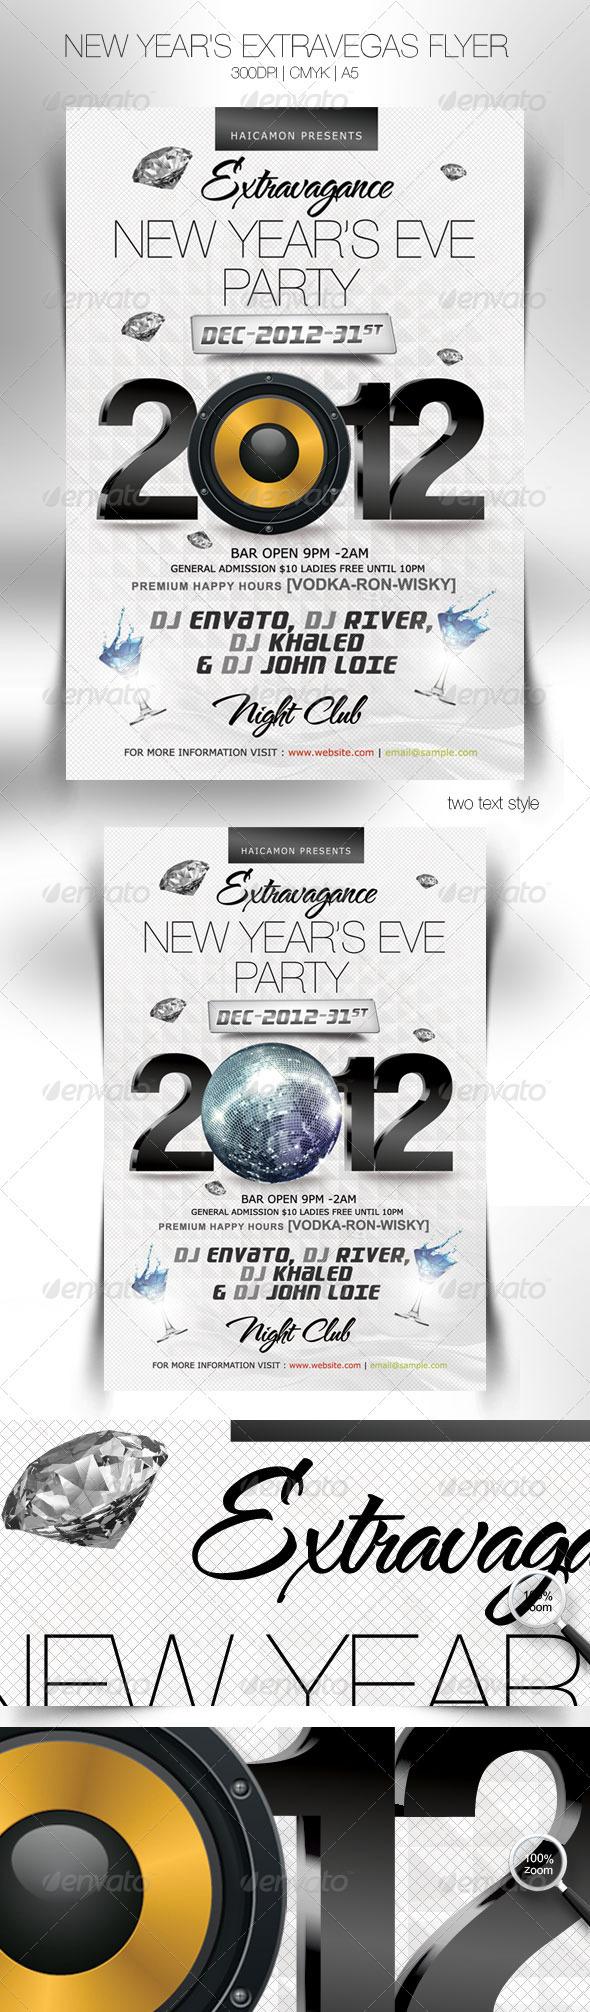 Flyer Evento de Año Nuevo en Blanco